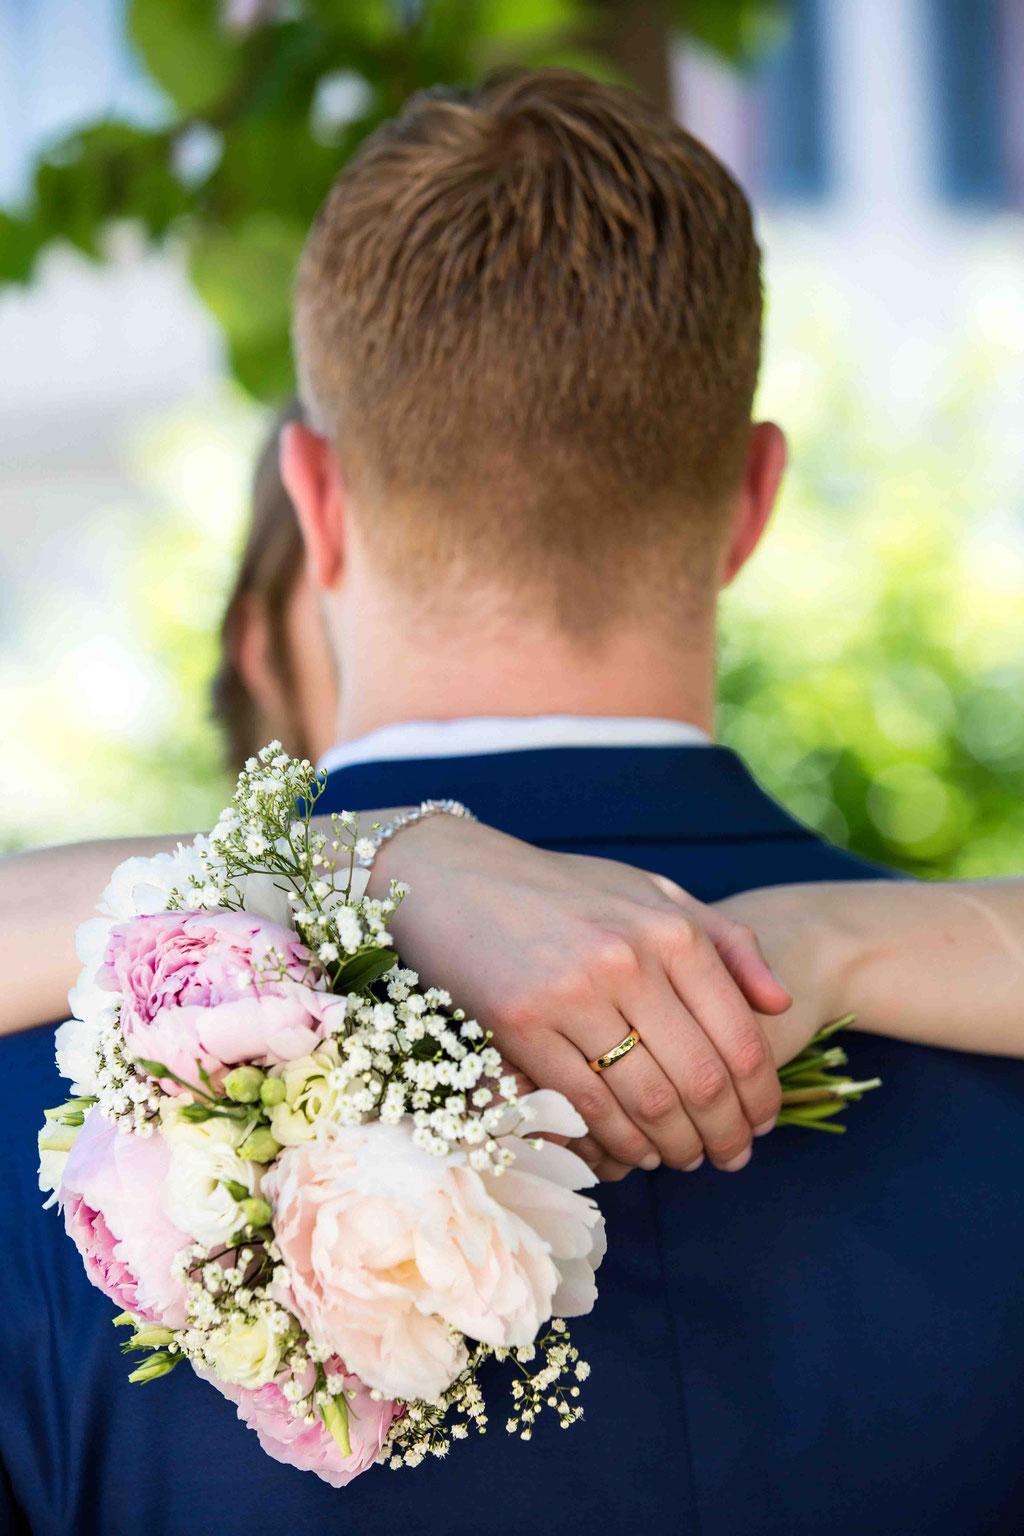 Brautstrauß, Blumen an der Hochzeit fotografiert, Hochzeitsfoto vom Brautstrauß